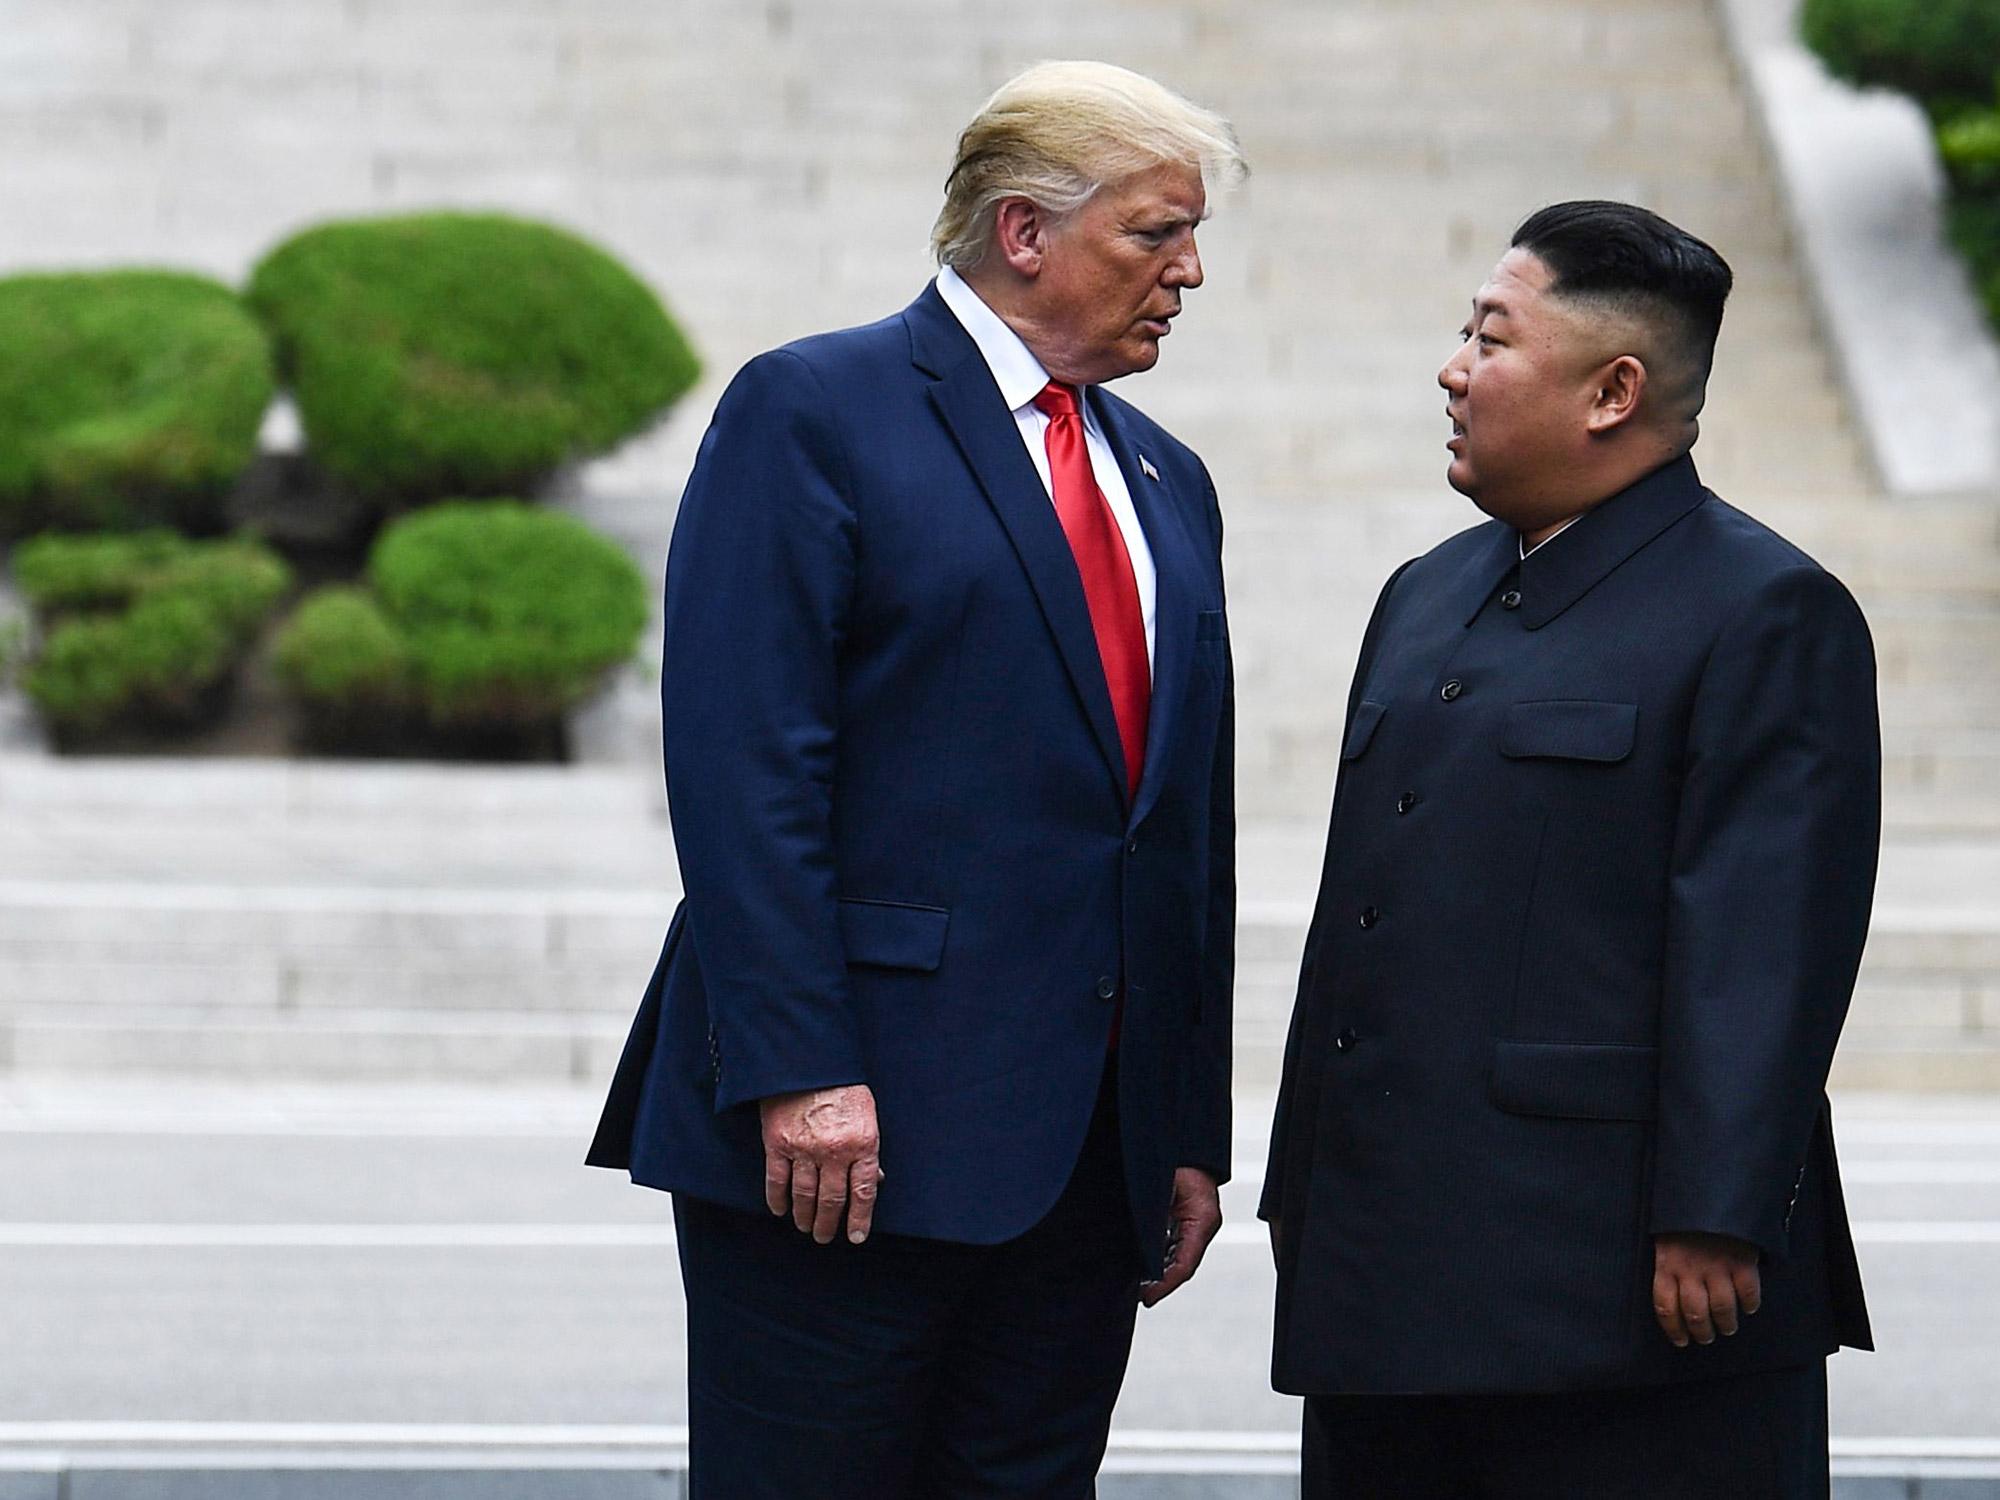 として 訪れ 大統領 は 初めて 現職 た の